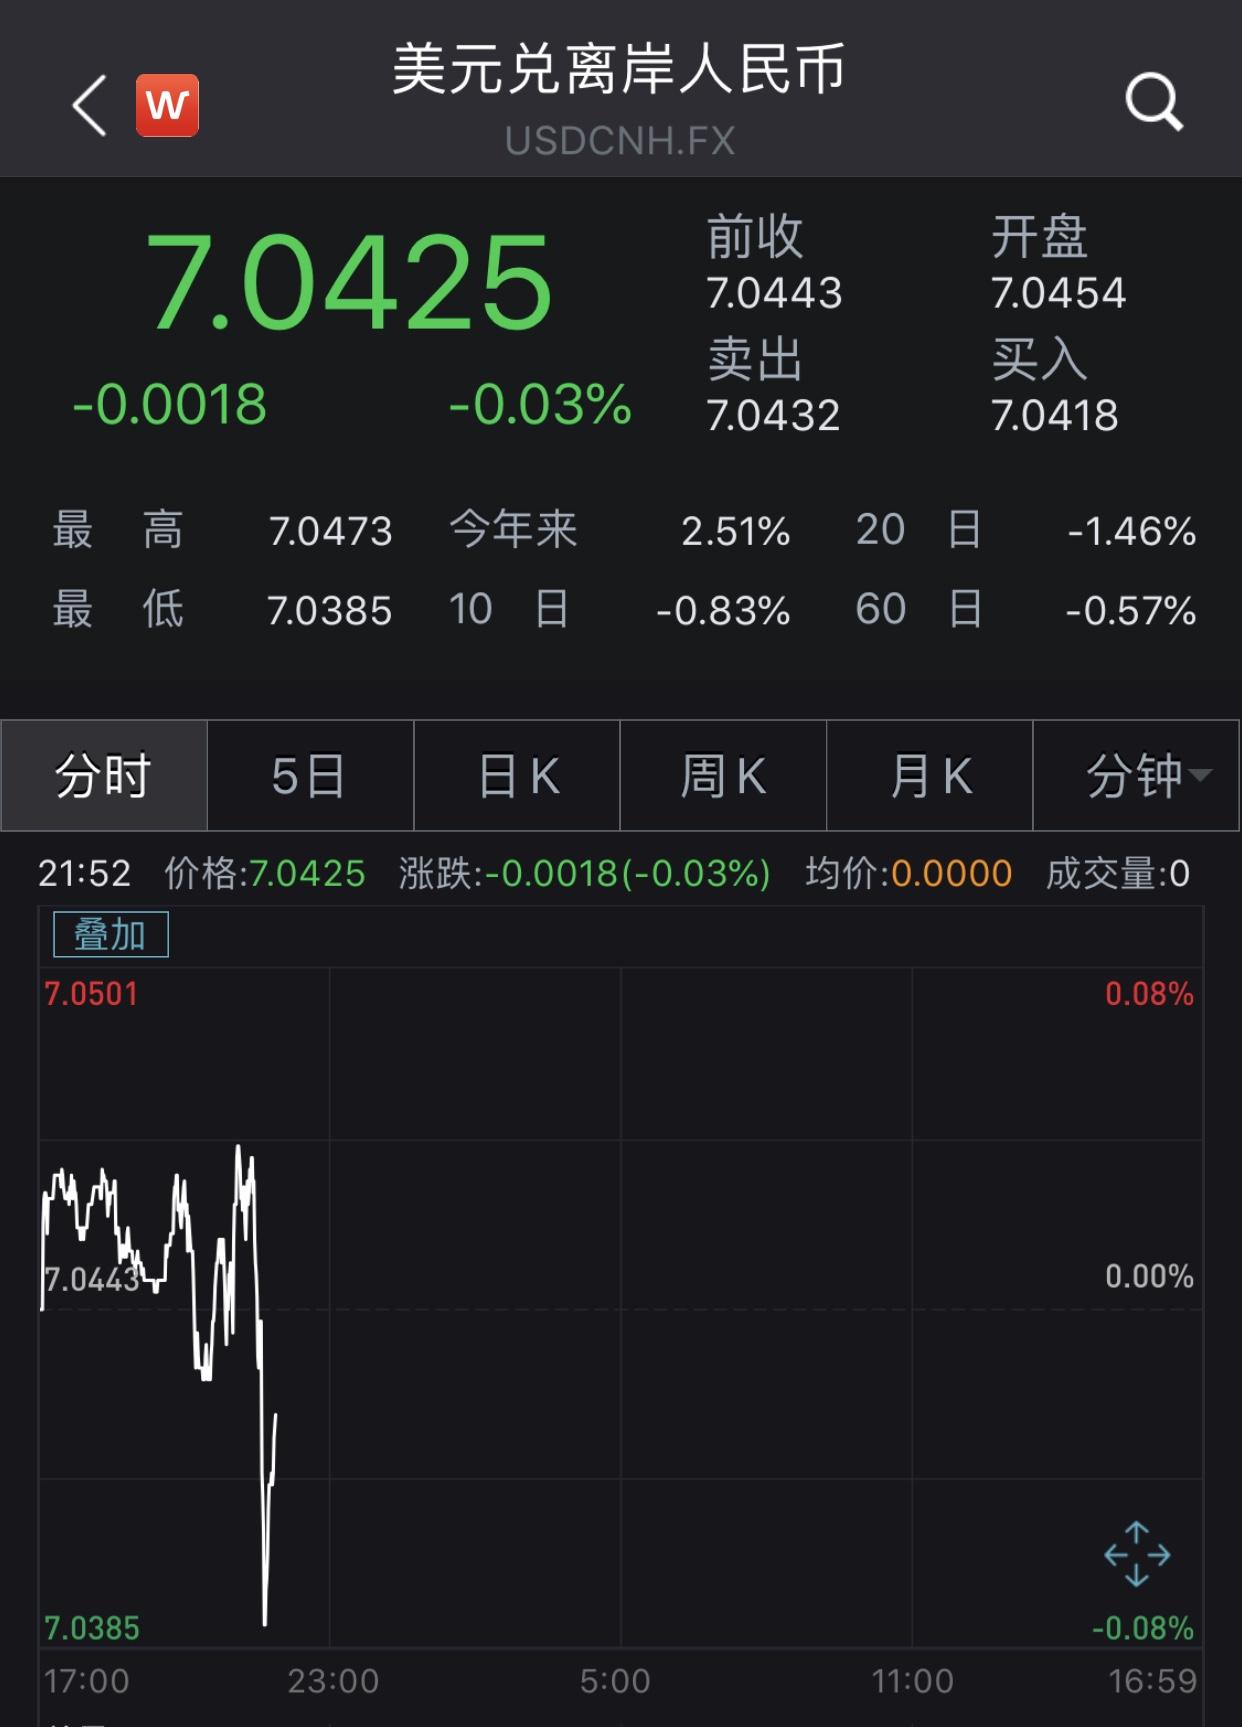 美联储如期降息25个基点,离岸人民币汇率升破7.04 新湖南www.hunanabc.com